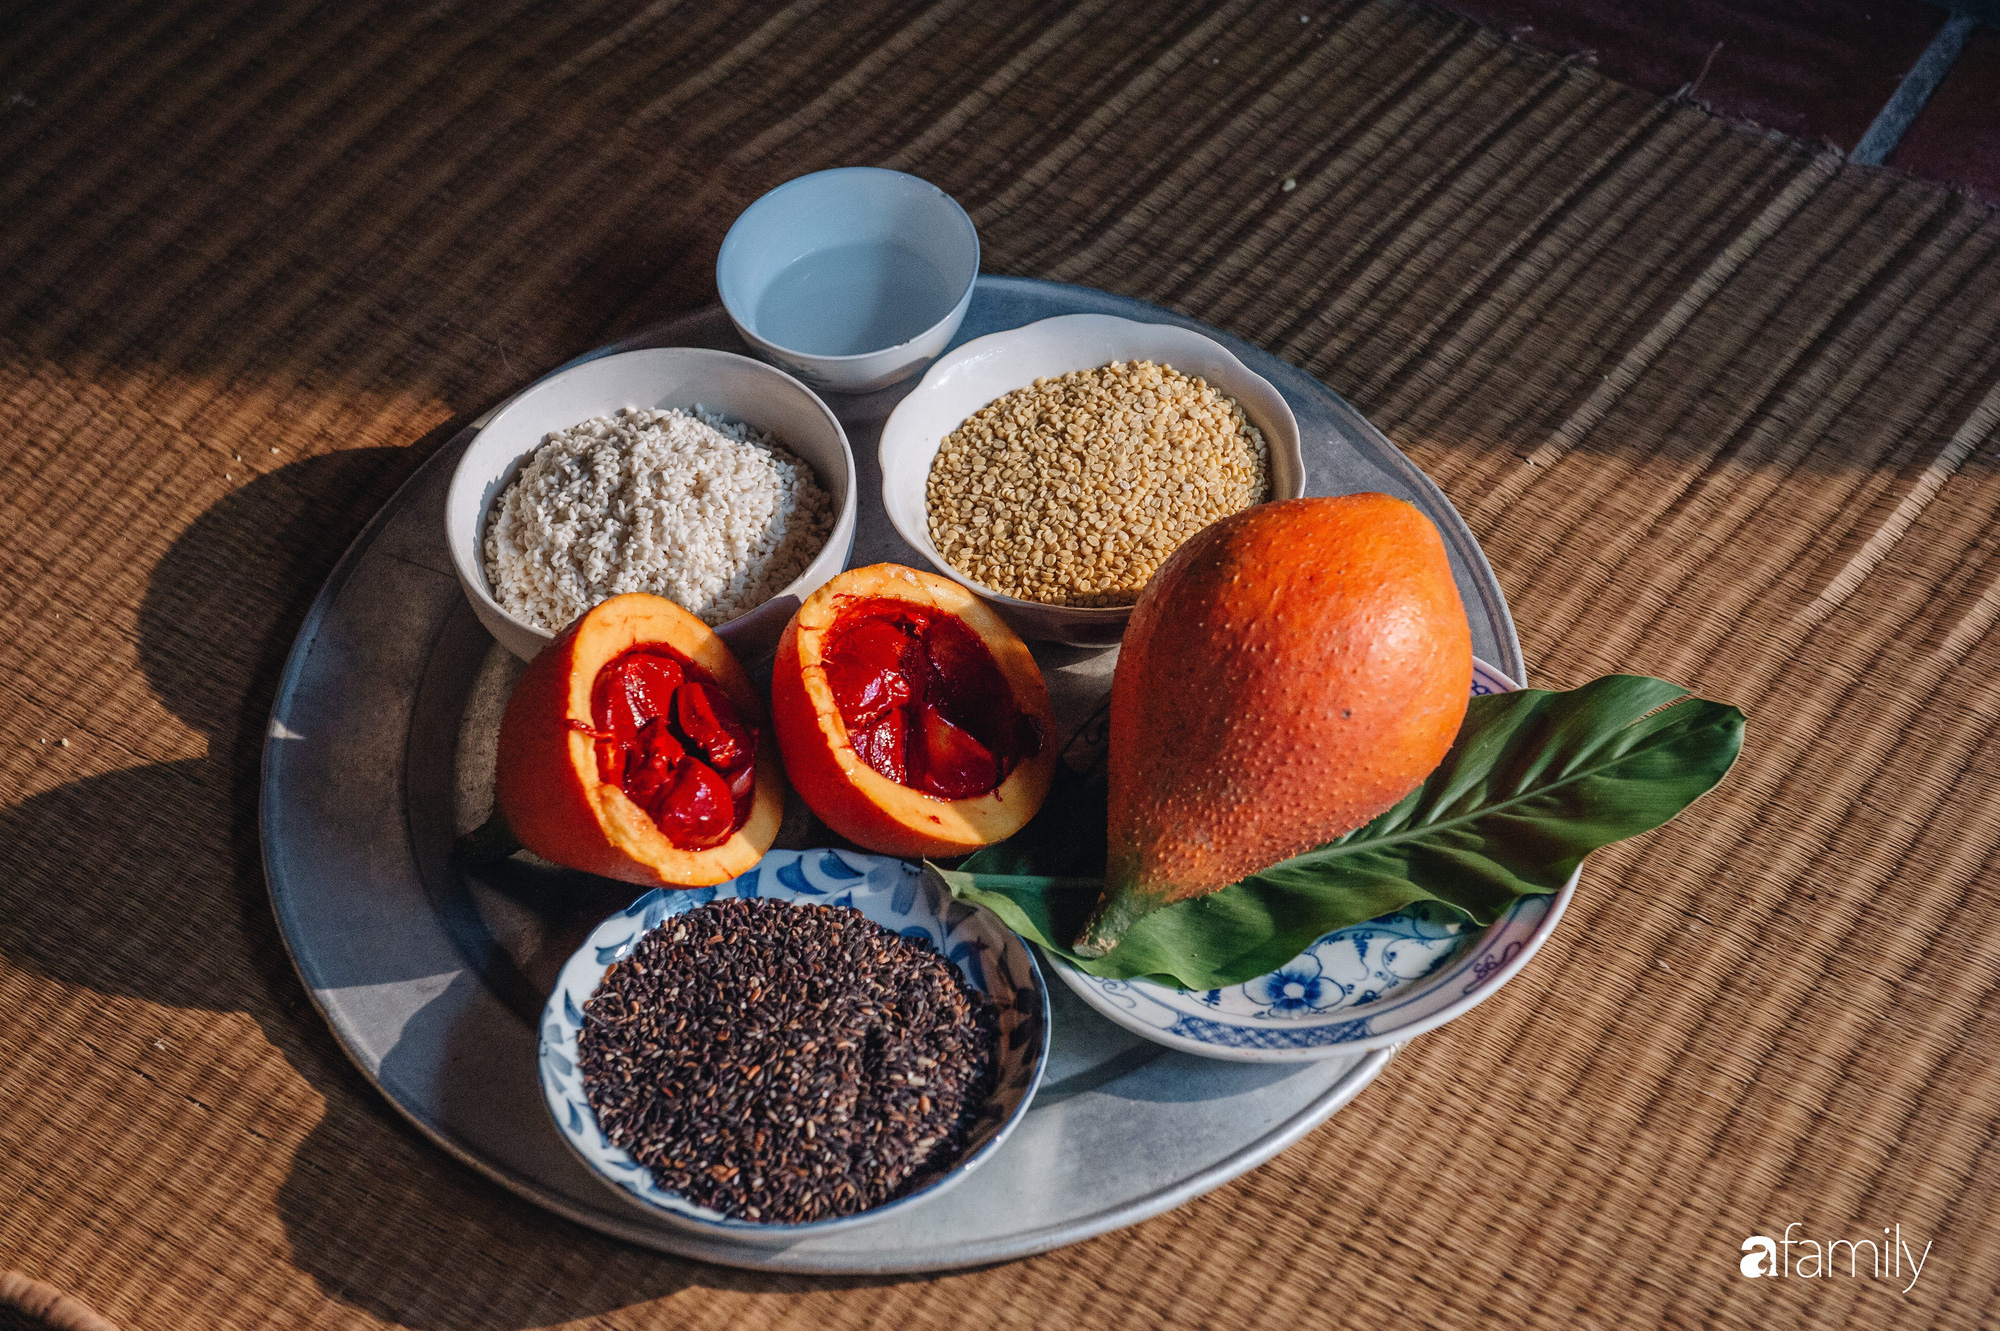 Bánh chưng, bánh tét - tinh hoa nghìn năm lúa nước trên bàn thờ Việt và những biến thể duyên dáng thời hiện đại - Ảnh 24.